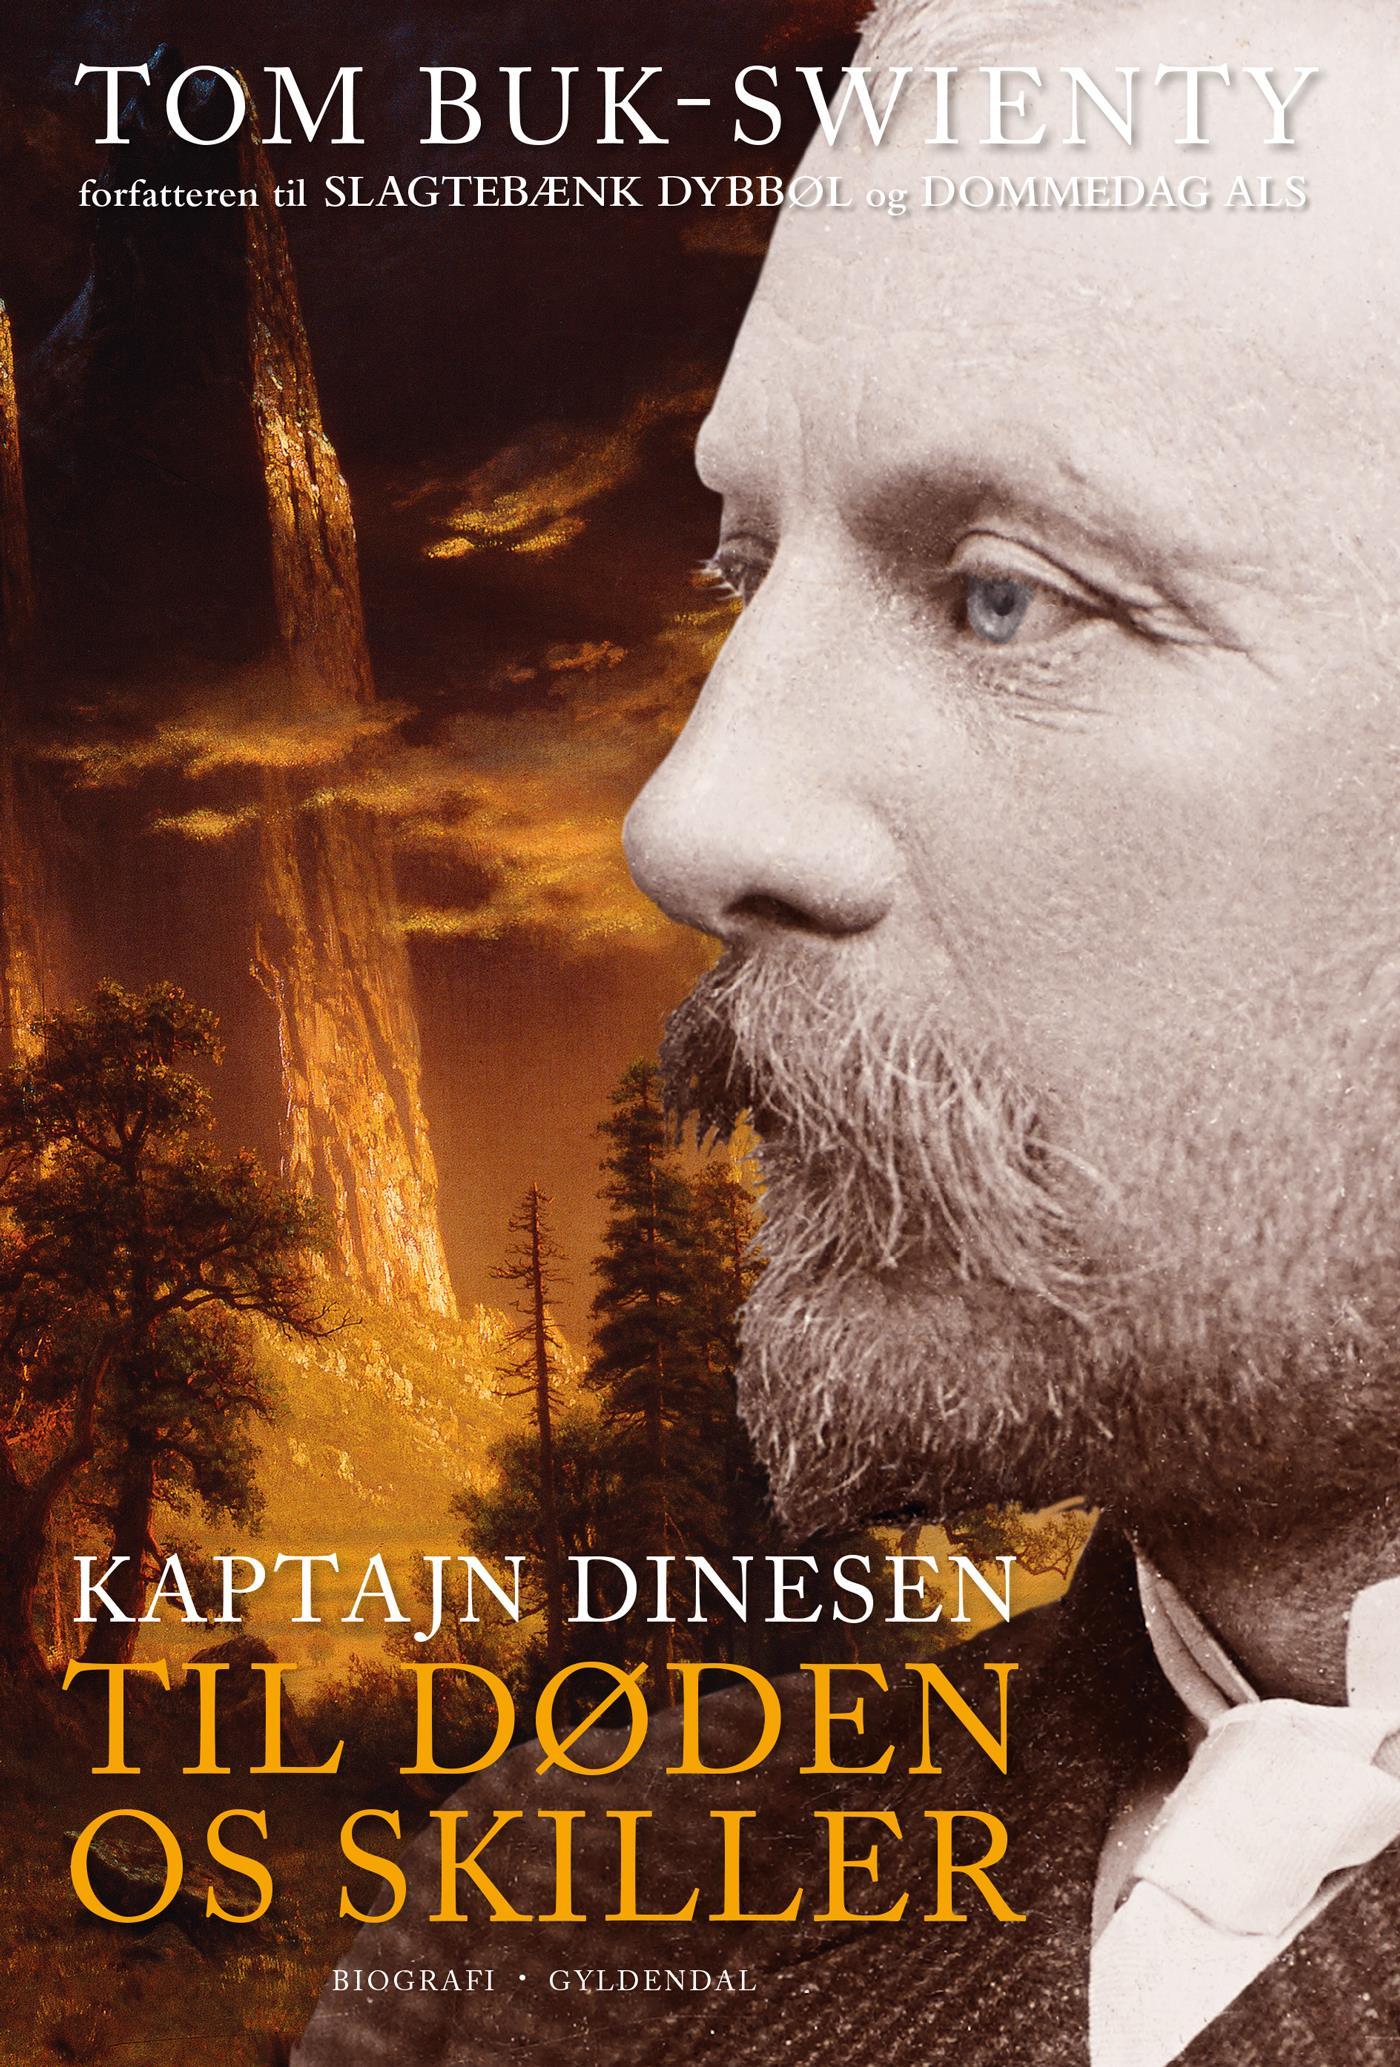 Kaptajn Dinesen [2] - Til døden os skiller